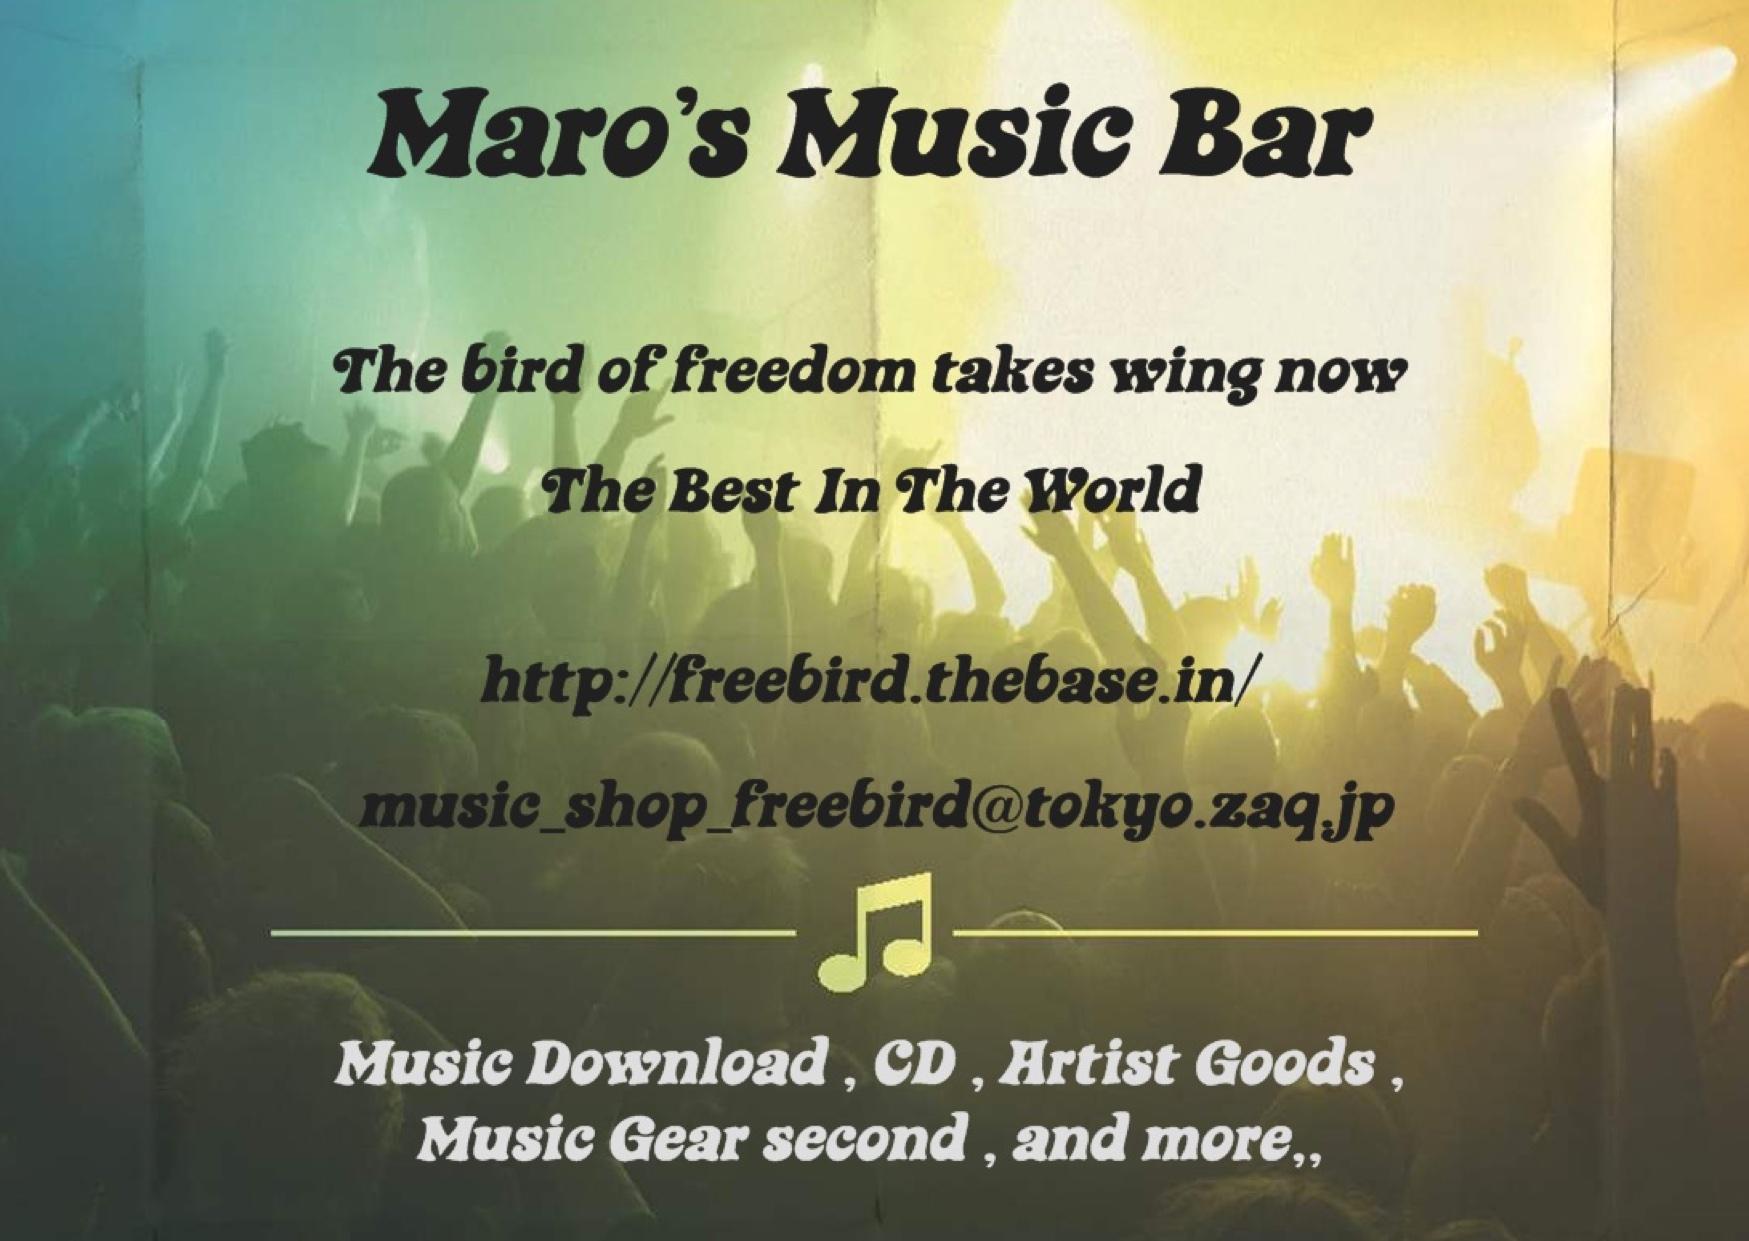 Maro's Music Bar